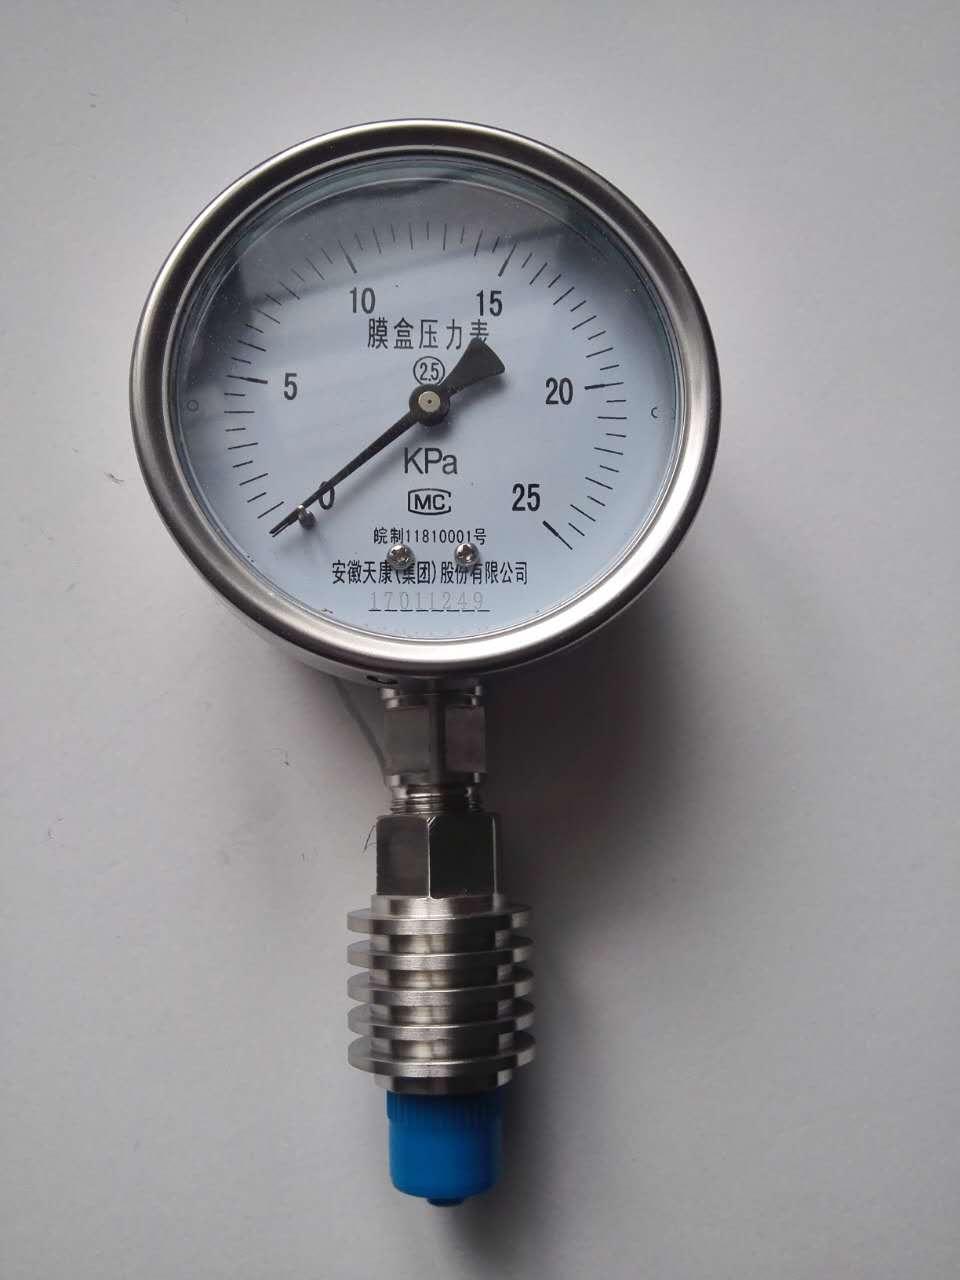 电阻远传压力表图片/电阻远传压力表样板图 (2)